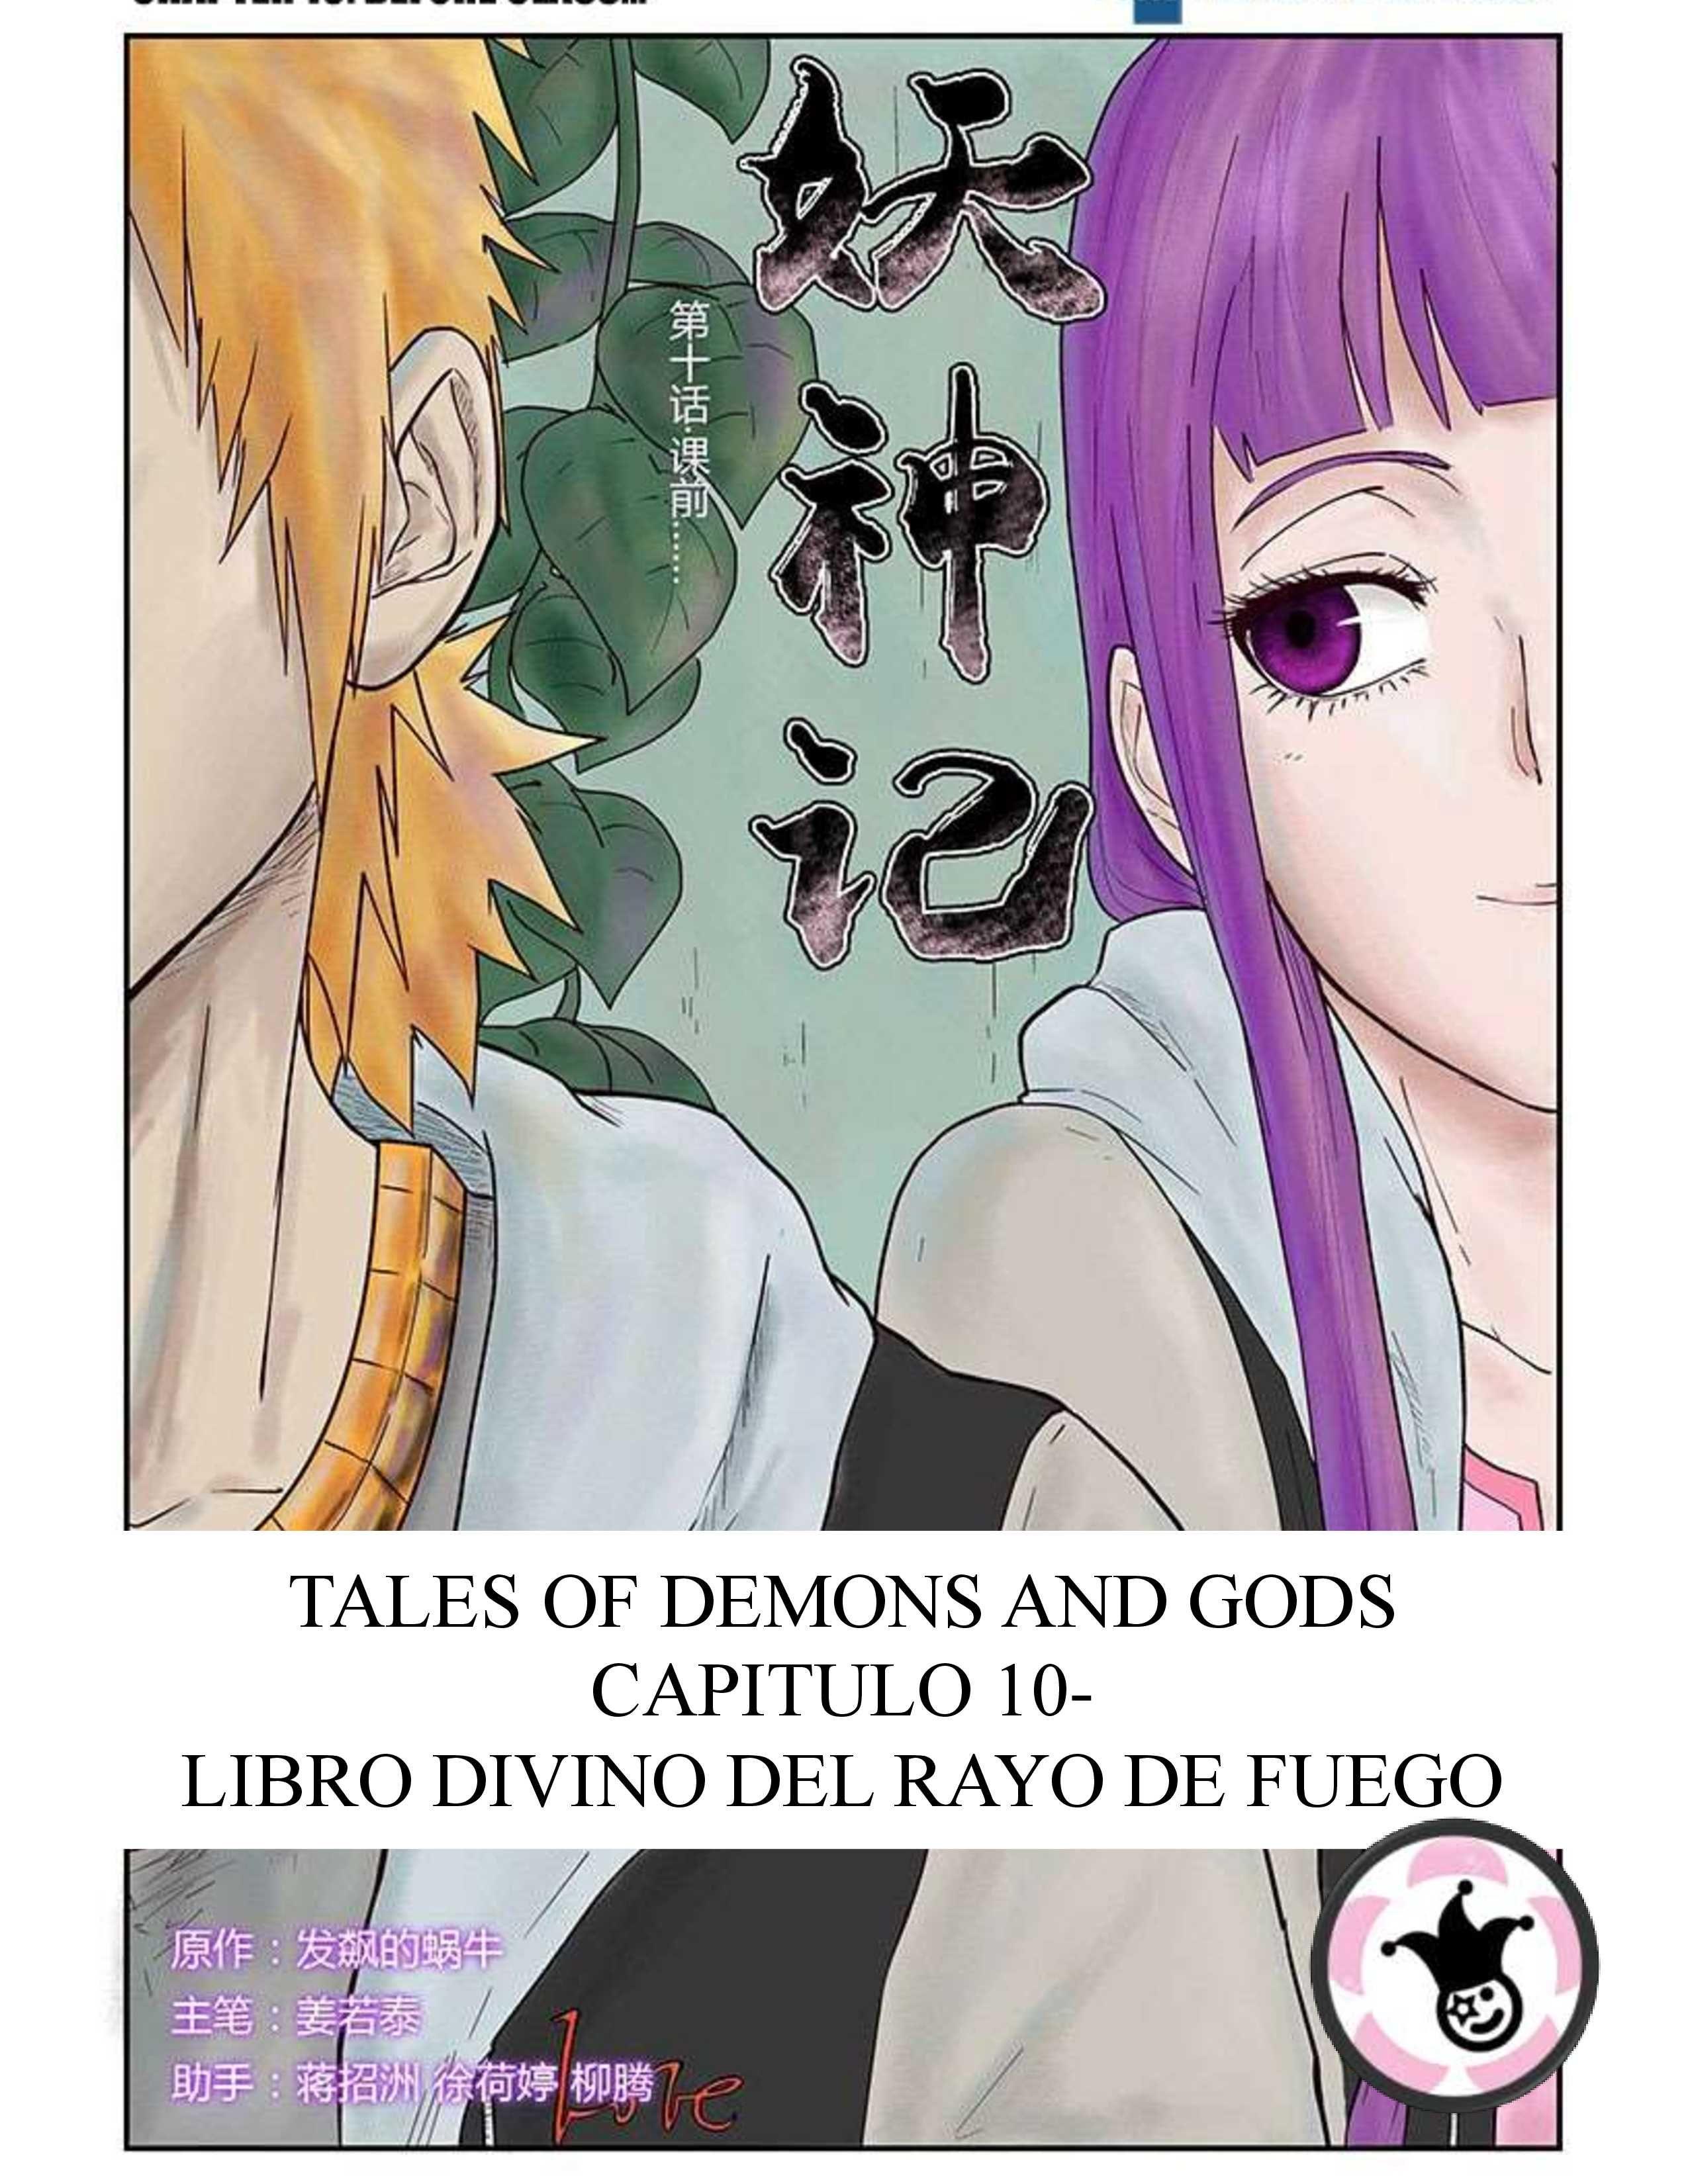 https://c5.ninemanga.com/es_manga/44/20012/478857/7f4680b340fc96ea3a1ea3b6147cb97a.jpg Page 1